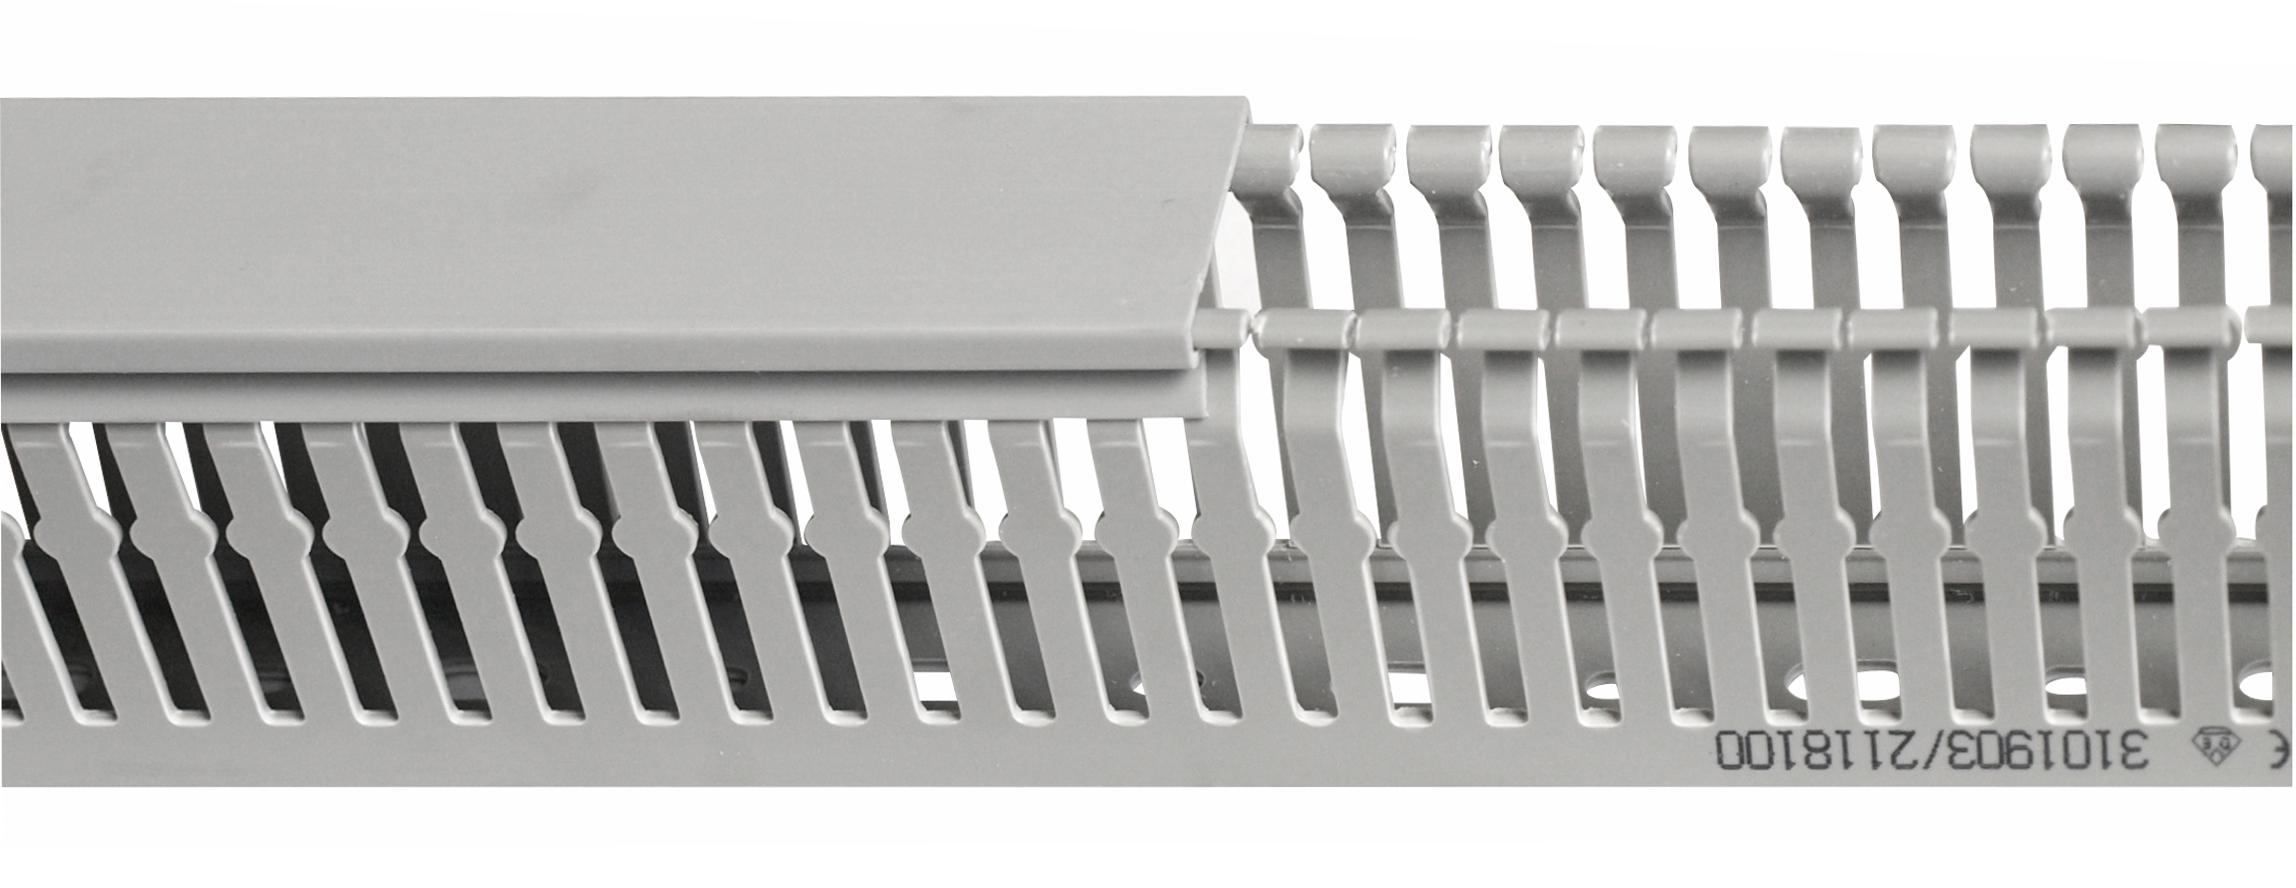 RH229208 - Schrack Technik